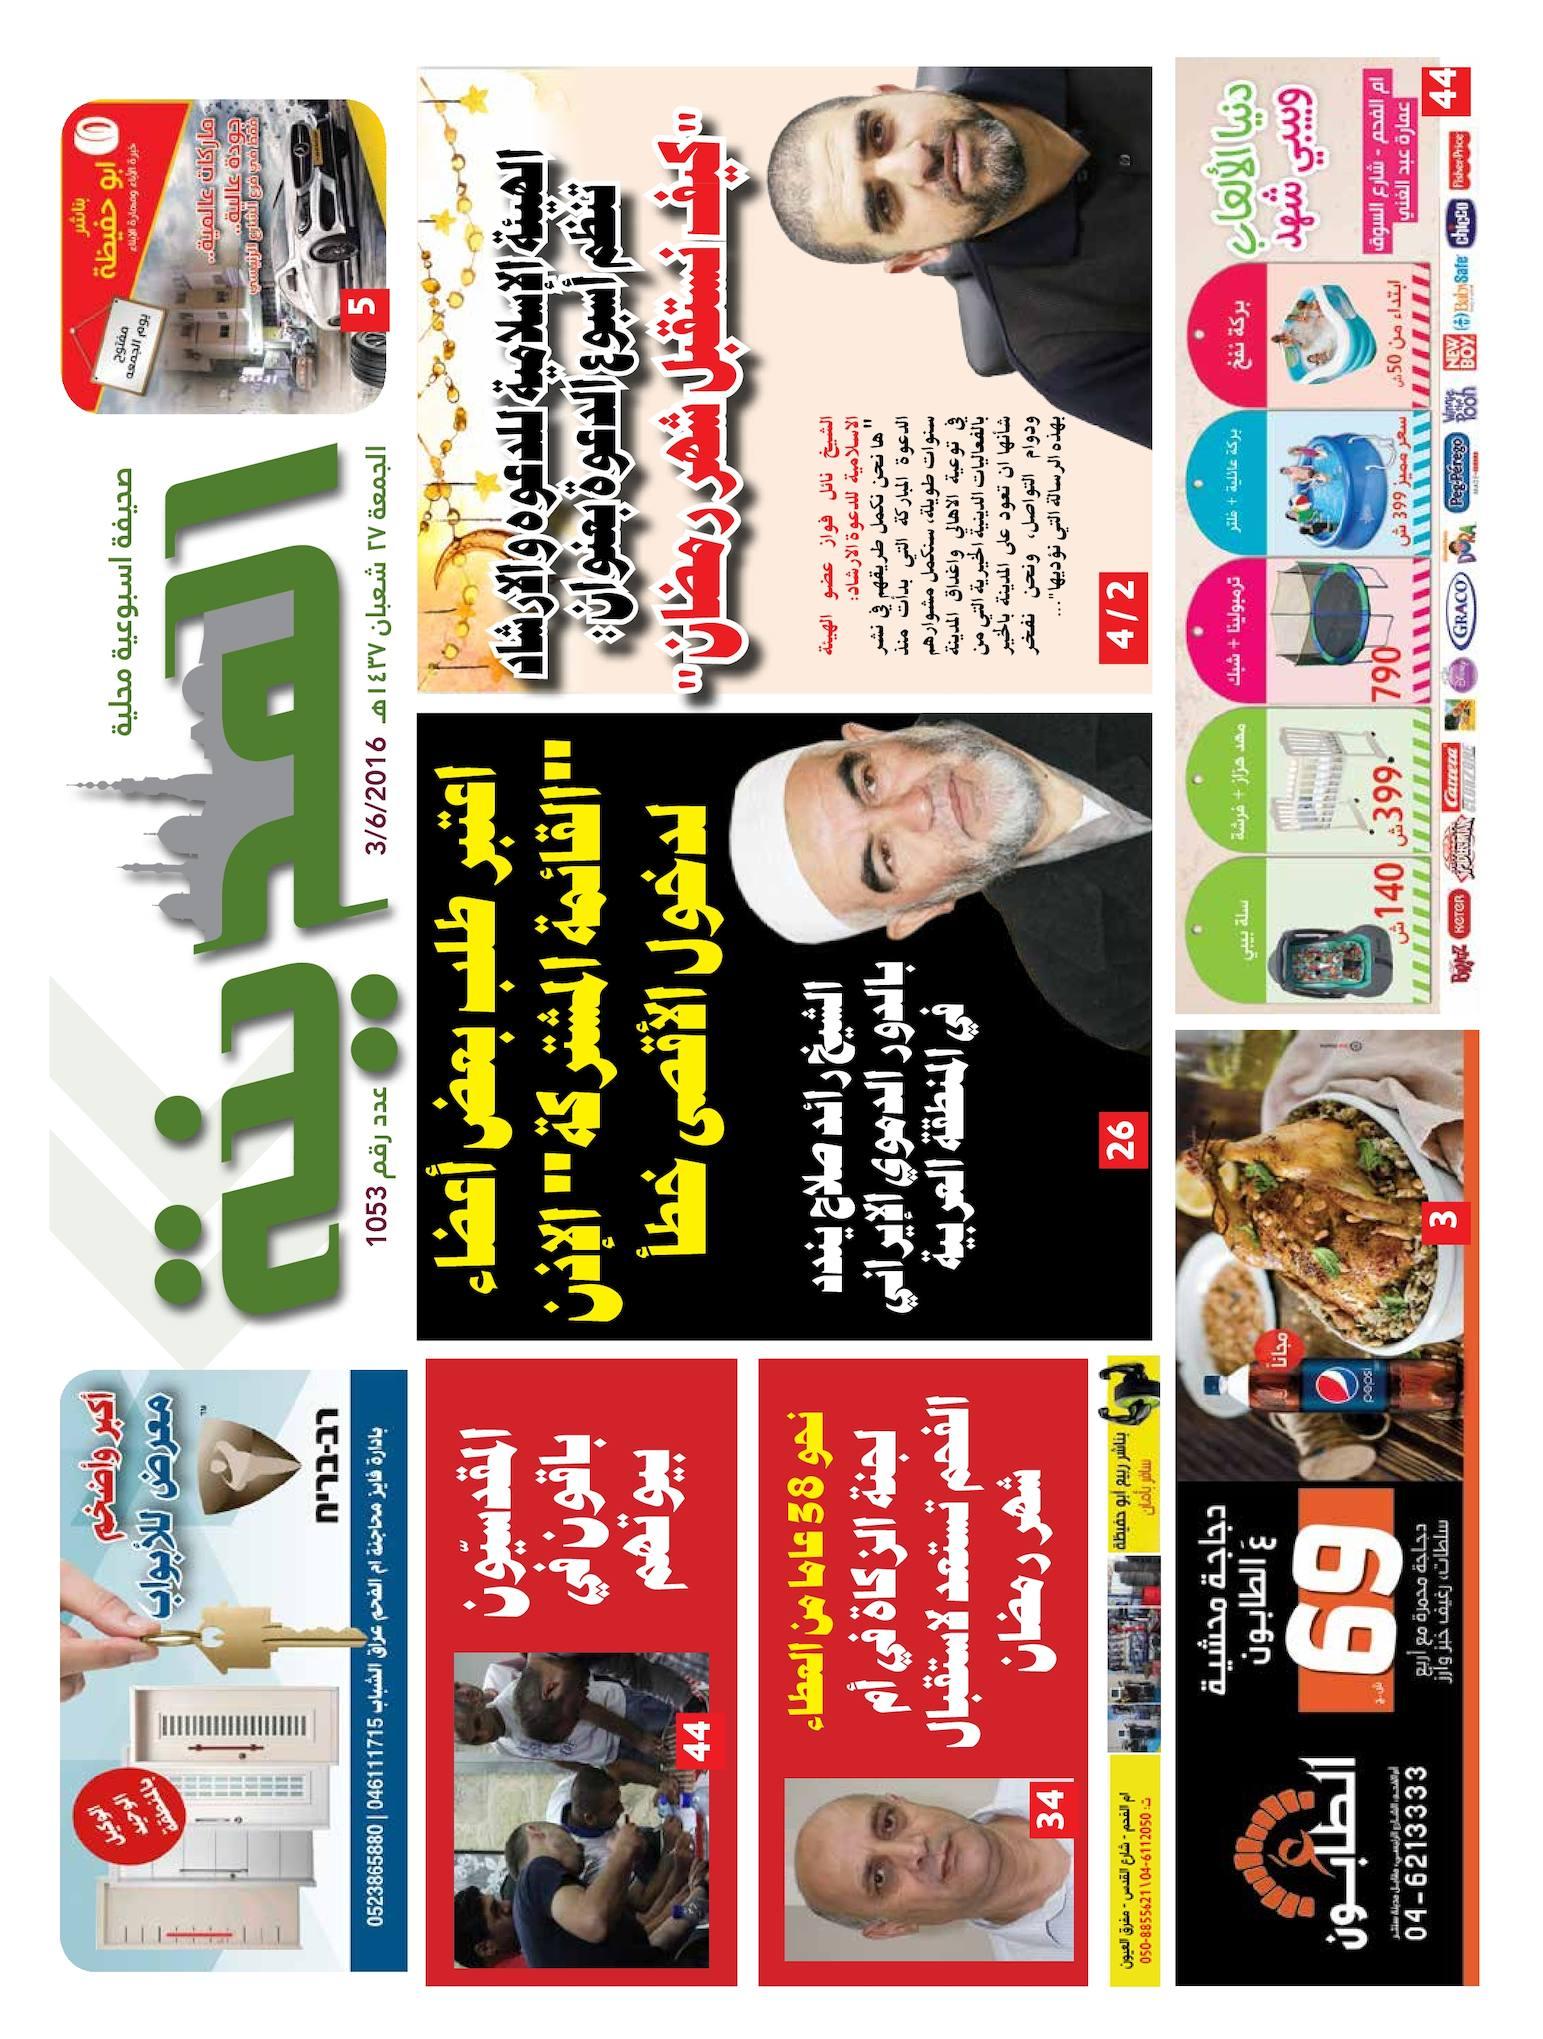 da206aacb Calaméo - جريدة المدينة 3.6.2016